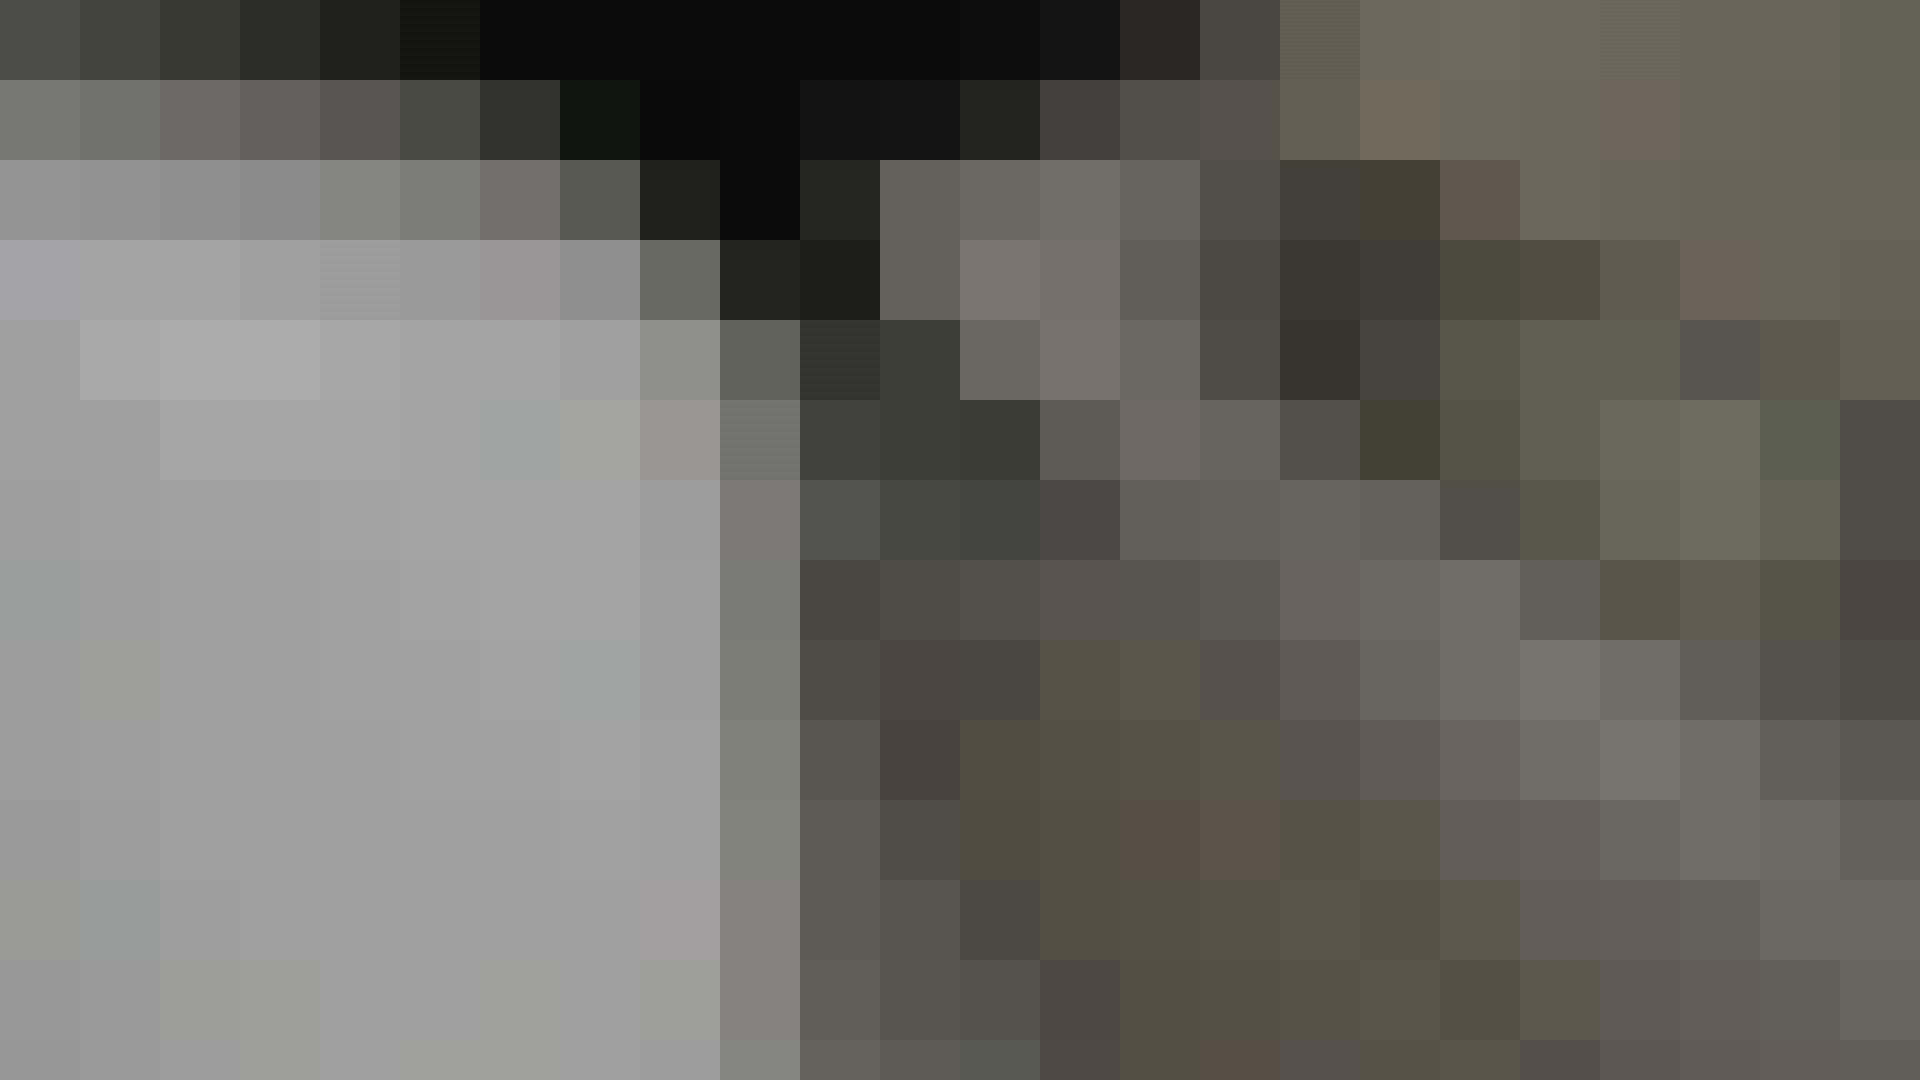 お市さんの「お尻丸出しジャンボリー」No.4 高画質動画 スケベ動画紹介 83画像 33